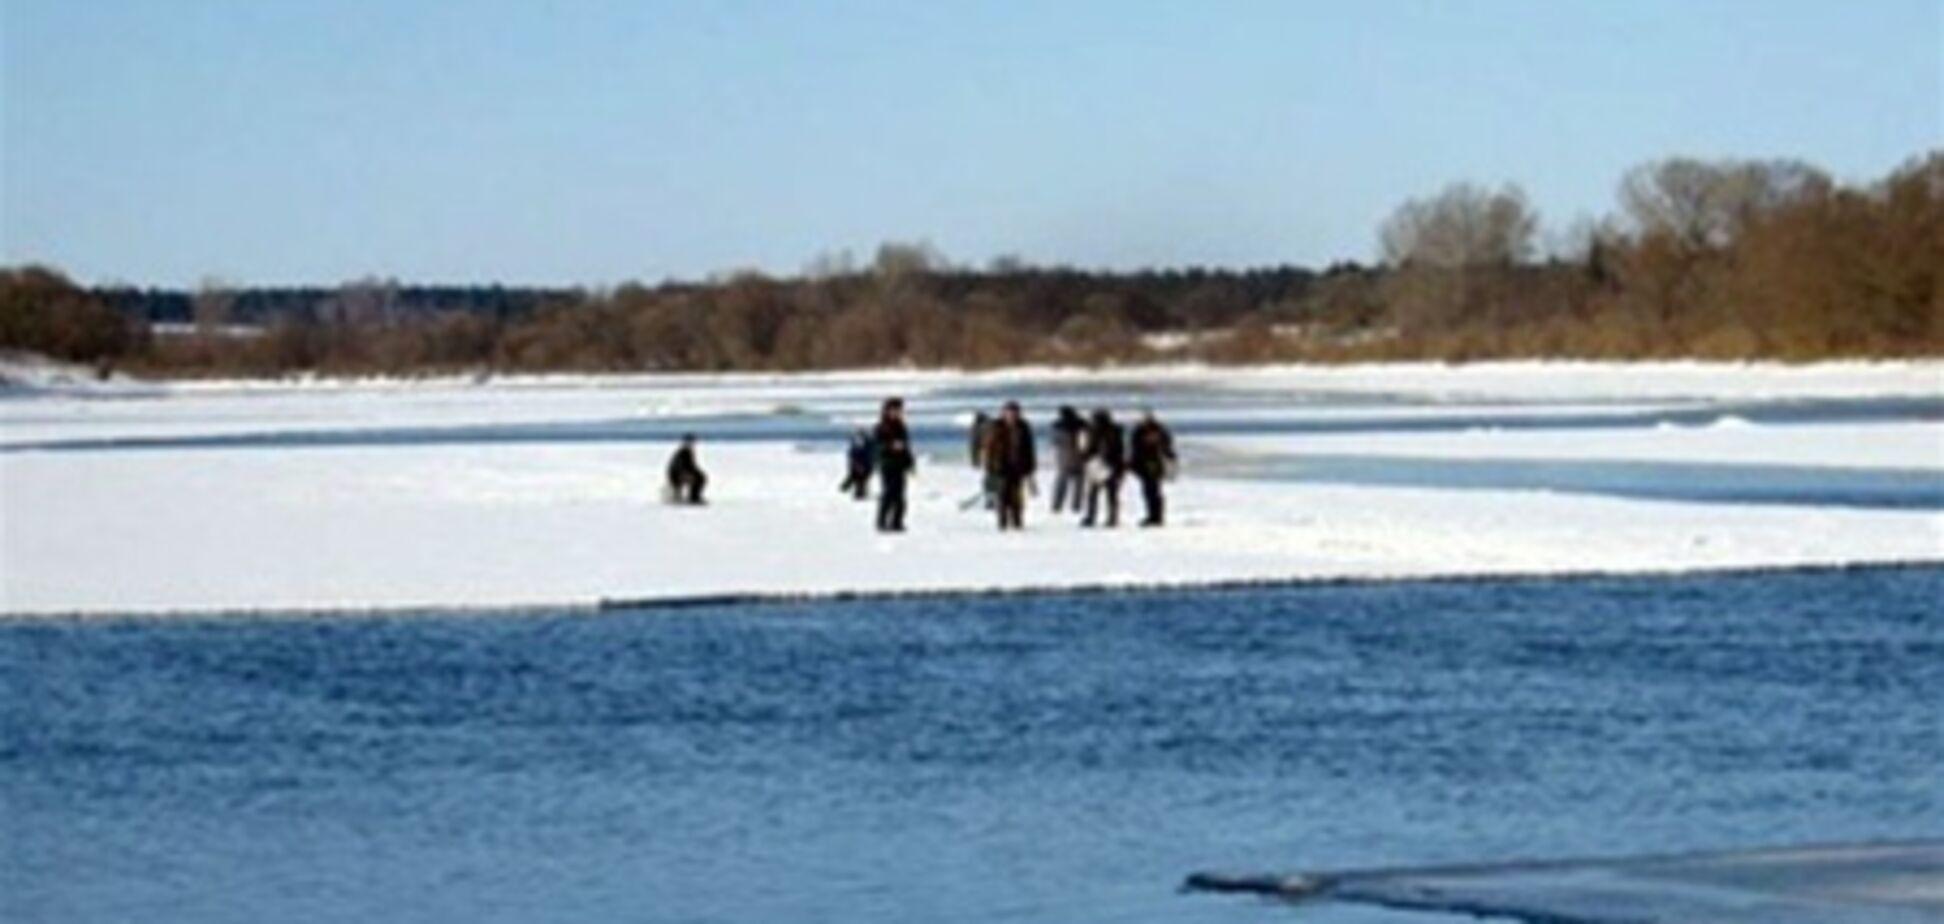 Рыбаков в Кременчугском водохранилище сняли со льдины